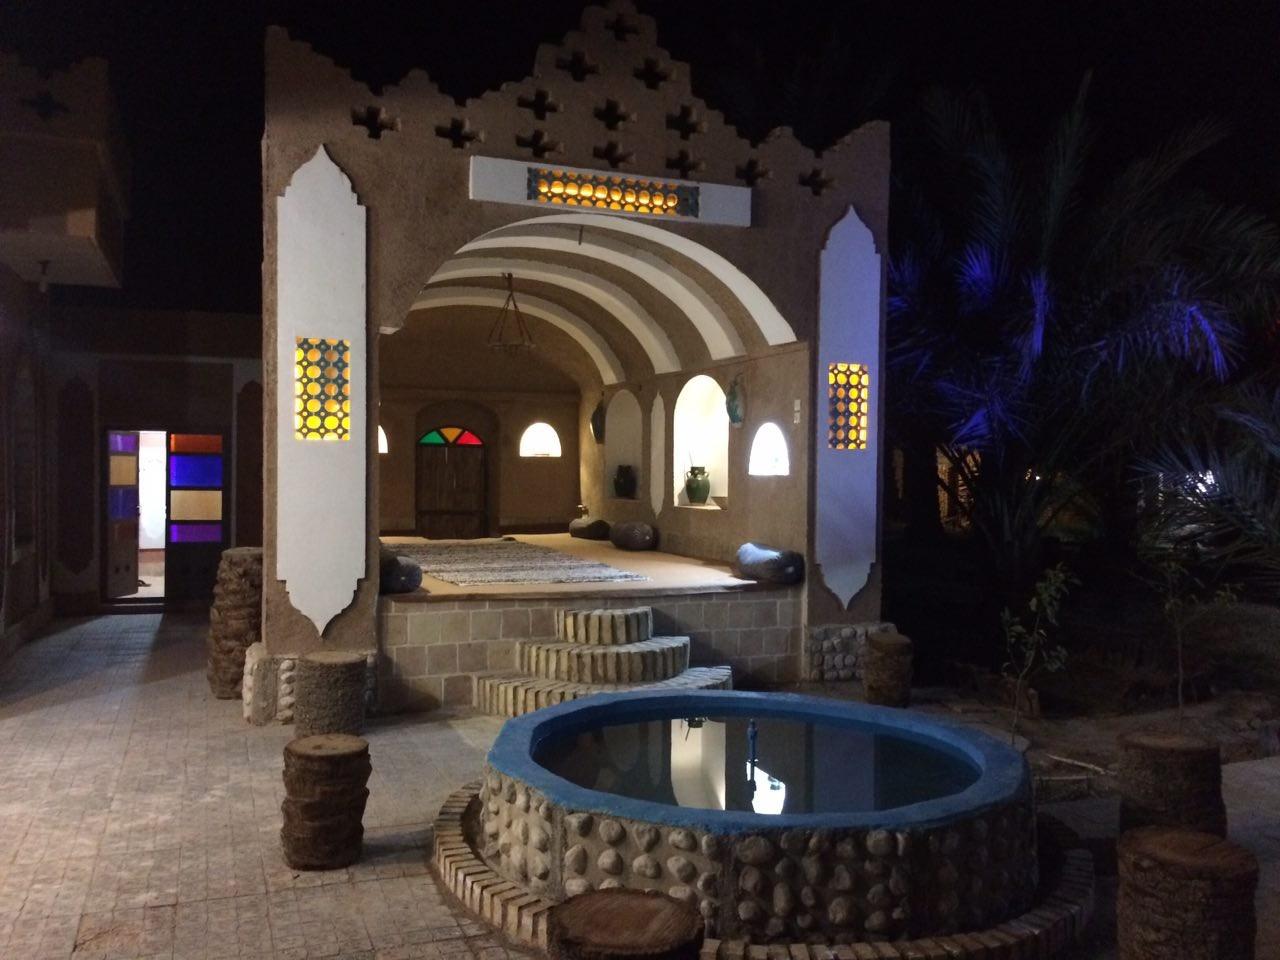 کویری بوم گردی کویرطبس کردآباد - اتاق شماره 1